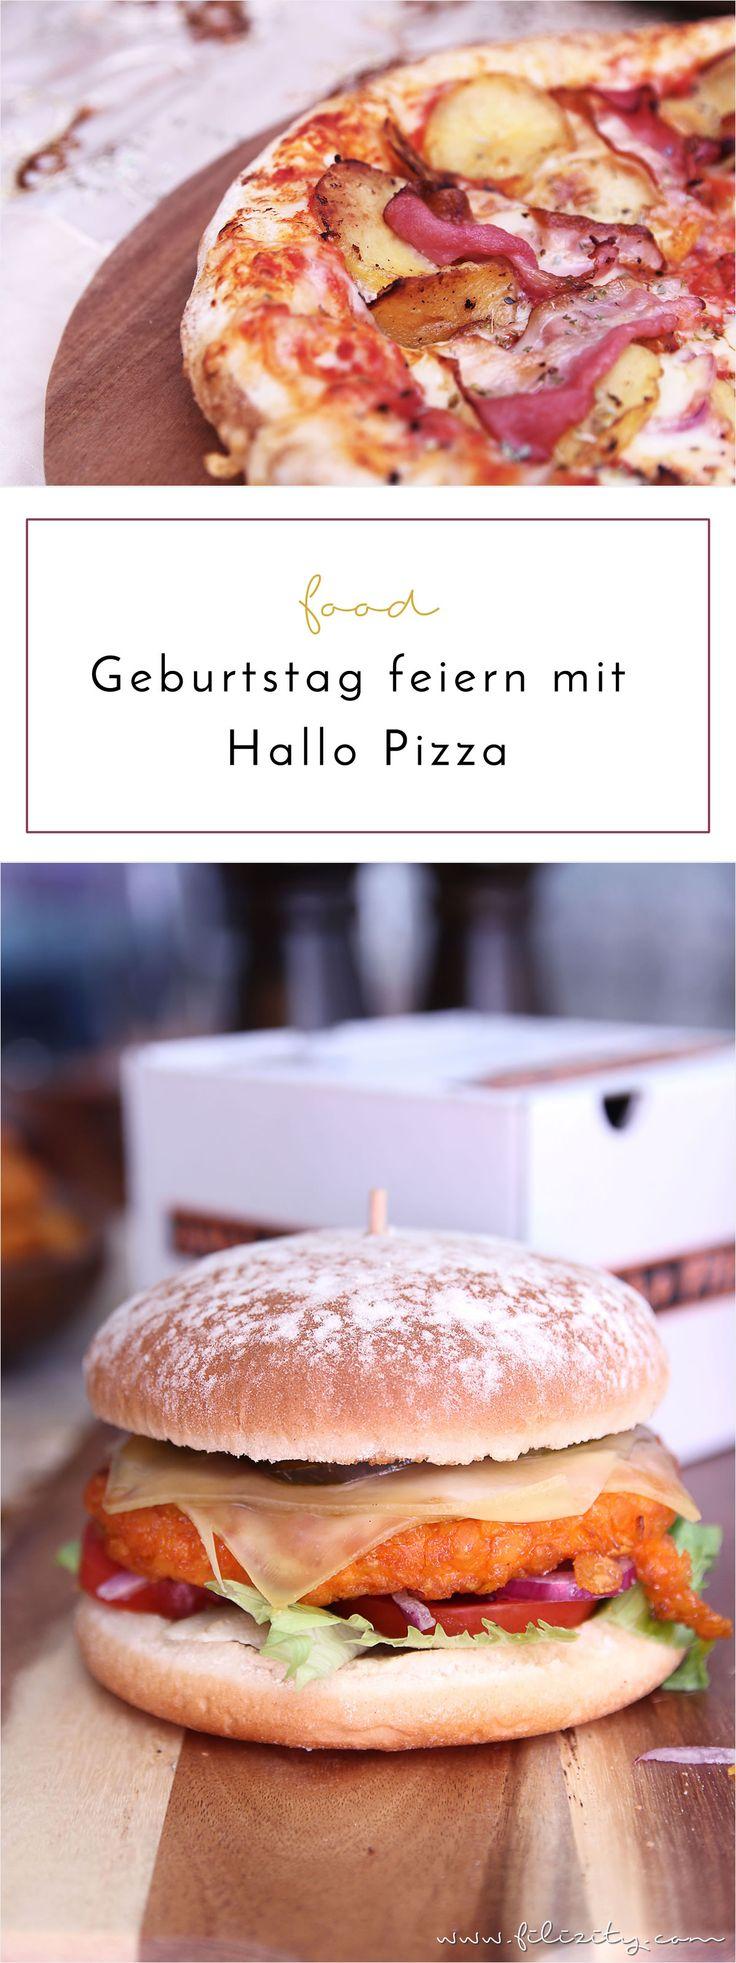 Lecker ist lecker –  Ein stressfreies Geburtstags-Essen mit besonderen Geschmackserlebnissen von Hallo Pizza.